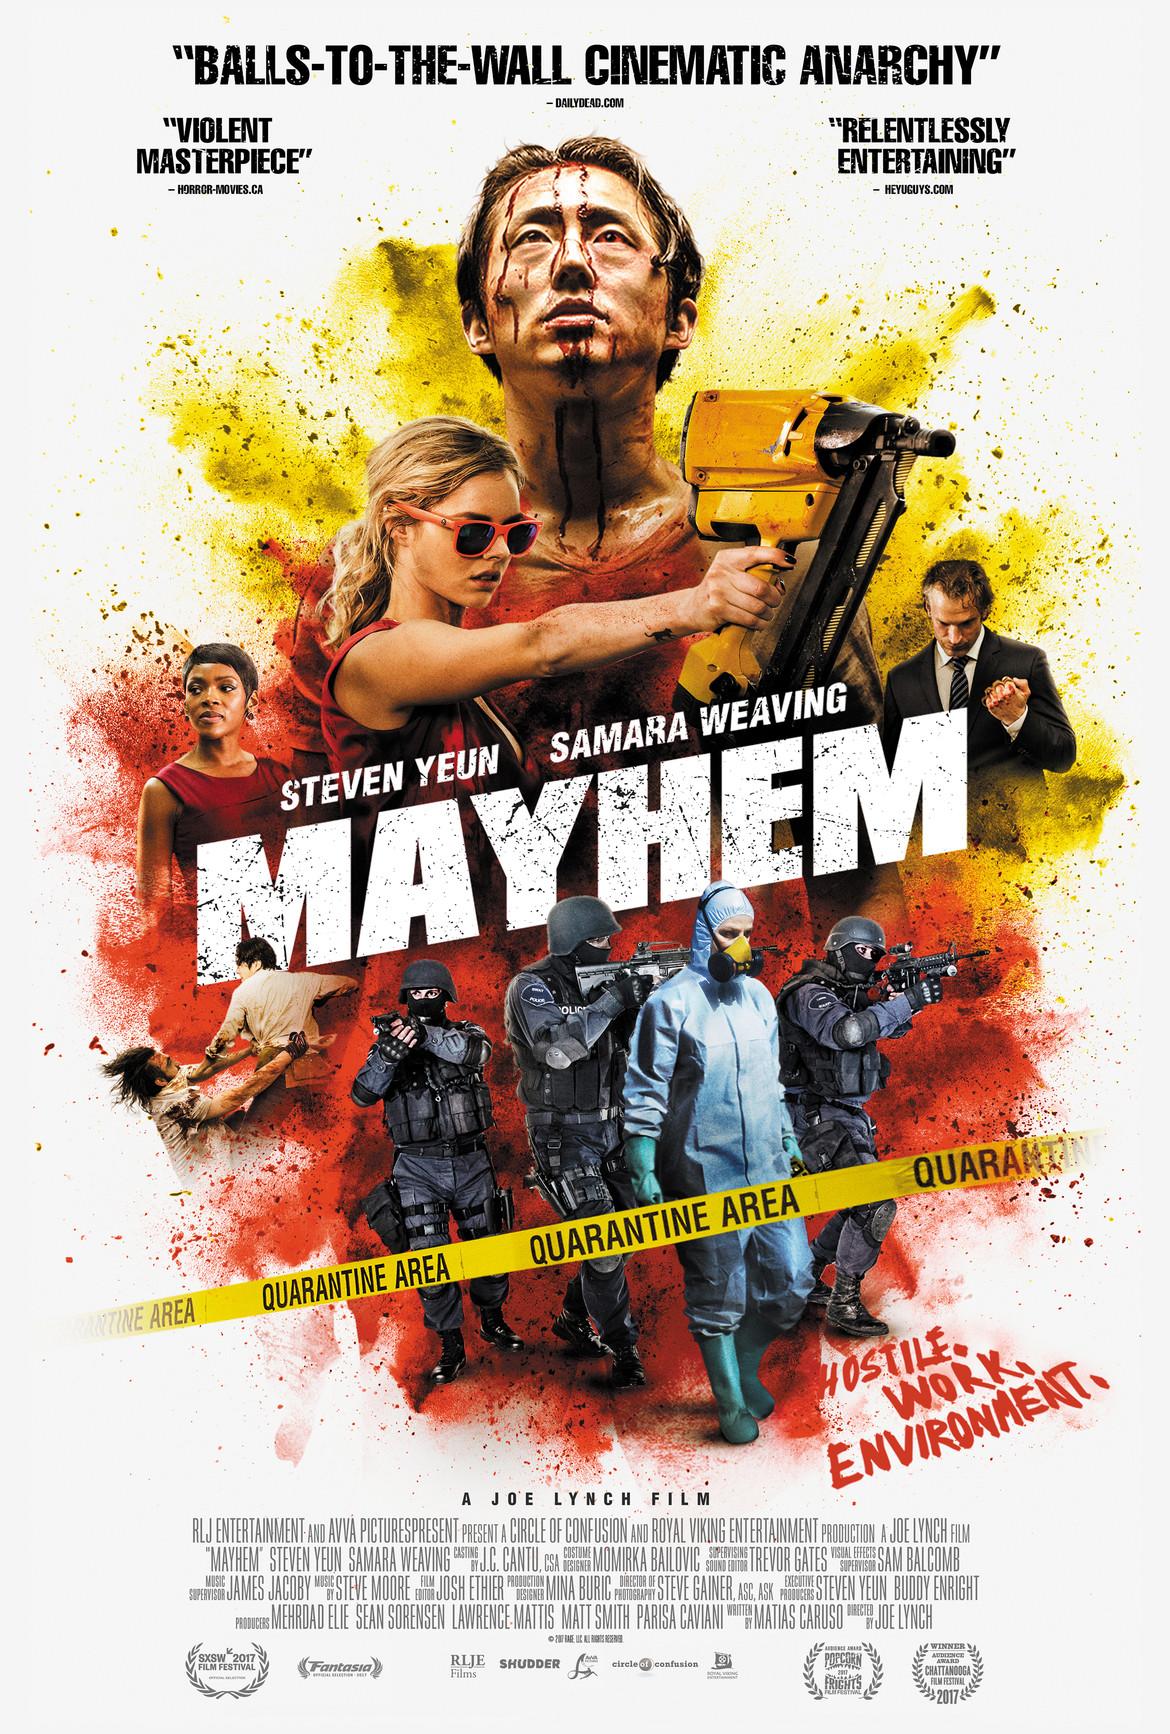 mayhem_poster_image_2764x4096_v3.jpg